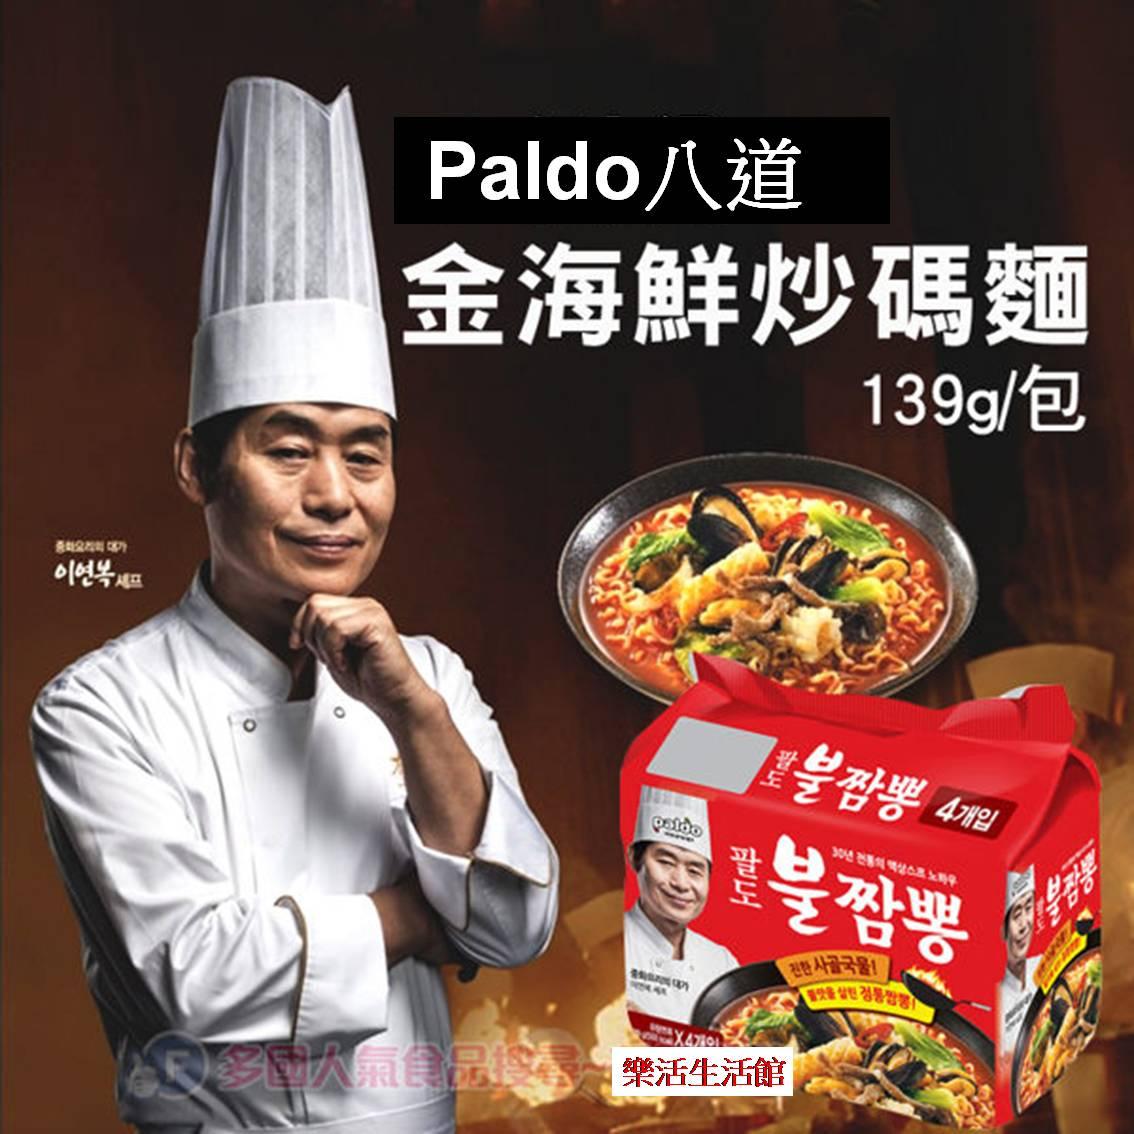 韓國 Paldo 八道 李連福炒碼海鮮風味  海鮮麵 湯麵 139g ^~ 4包 袋~樂活